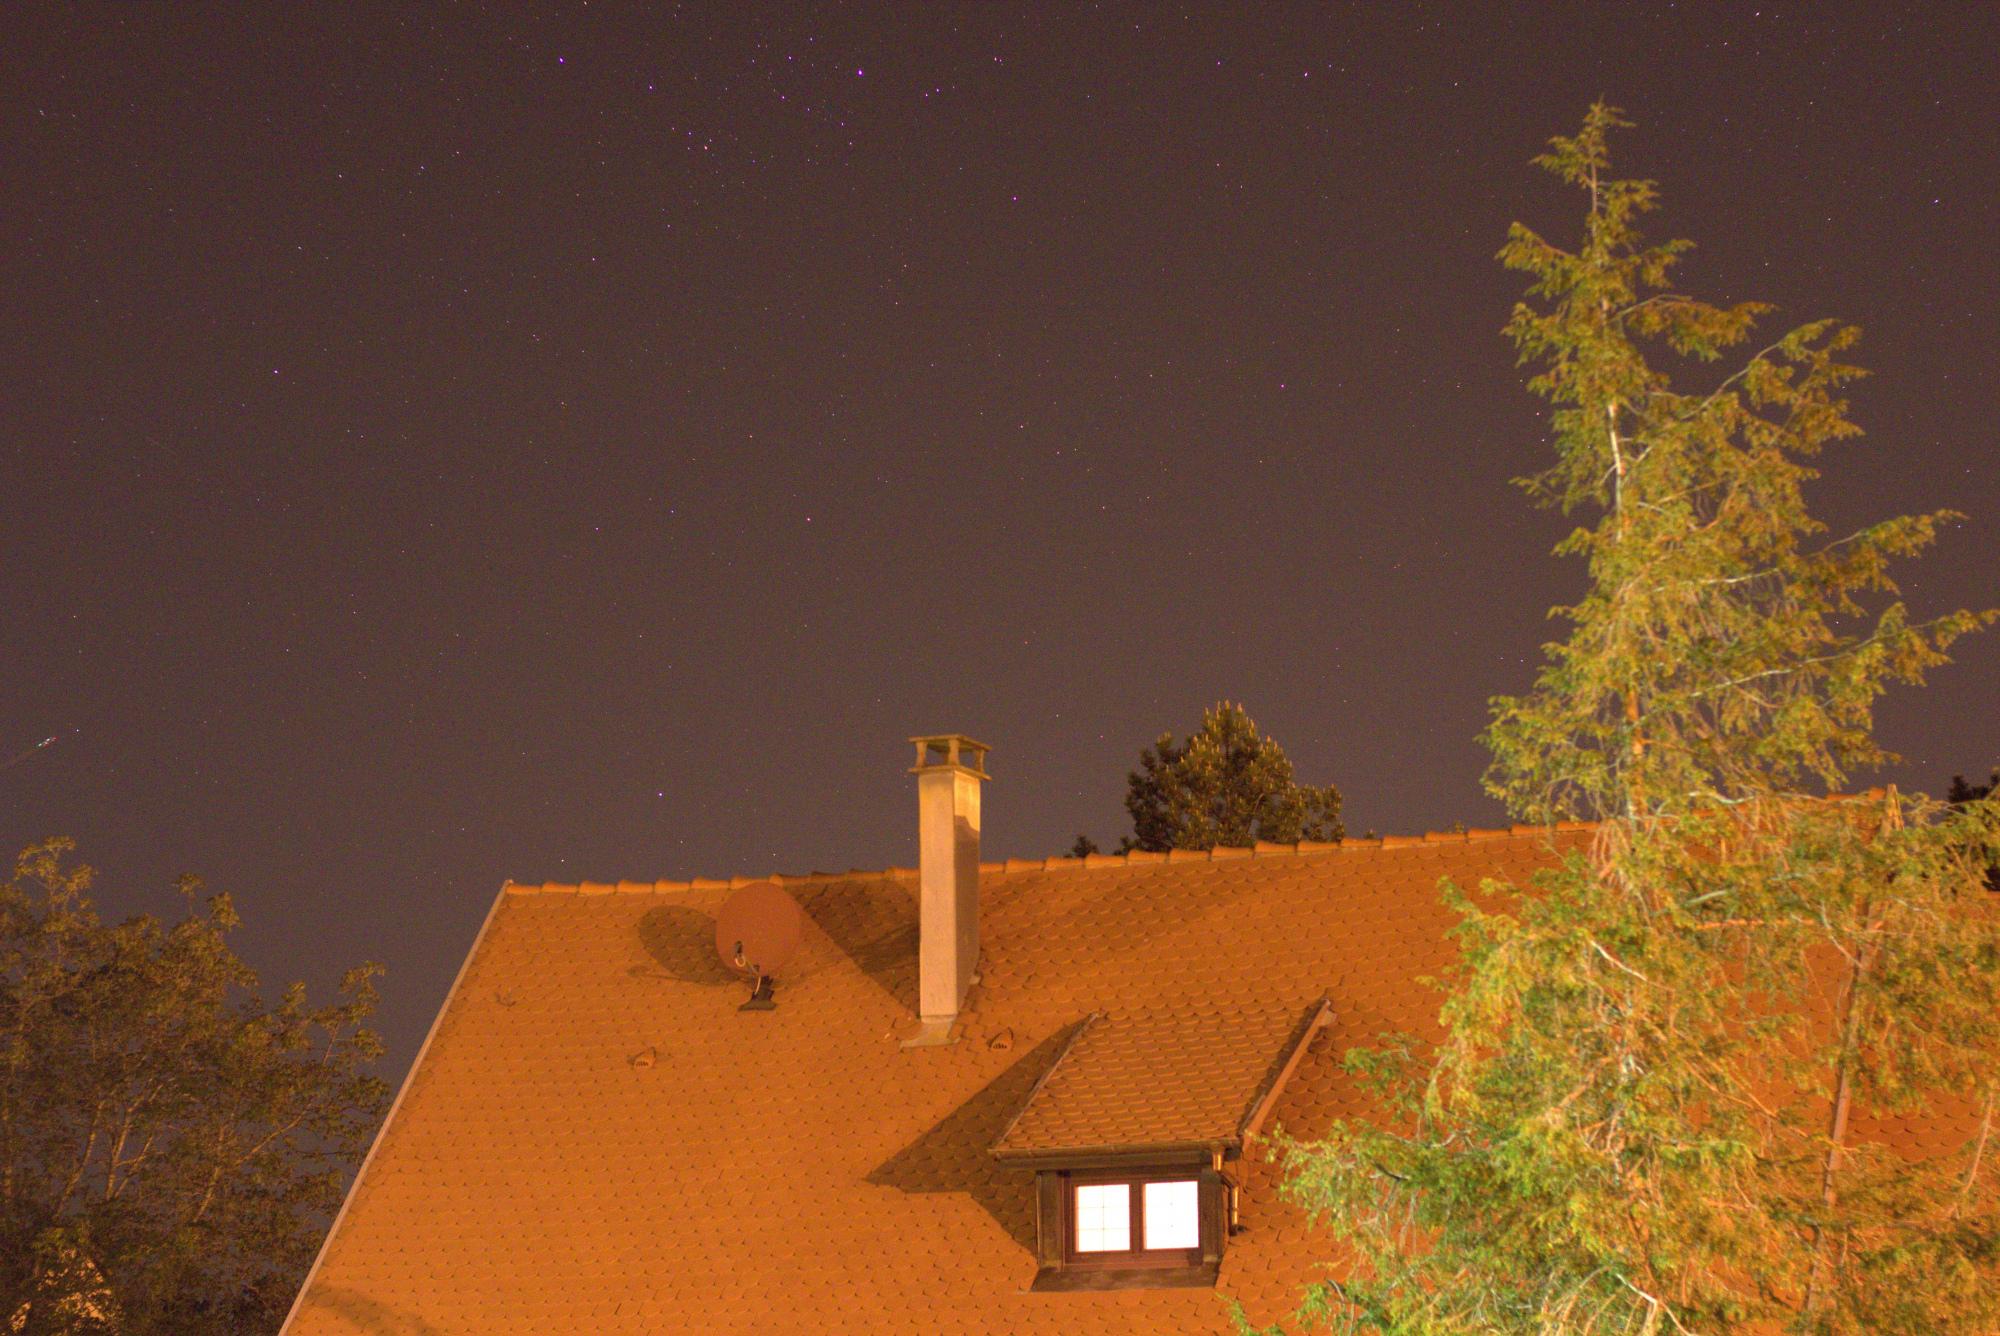 LIGHT_2s_3200iso_f2-8_20200423-23h10m42s785ms.jpg